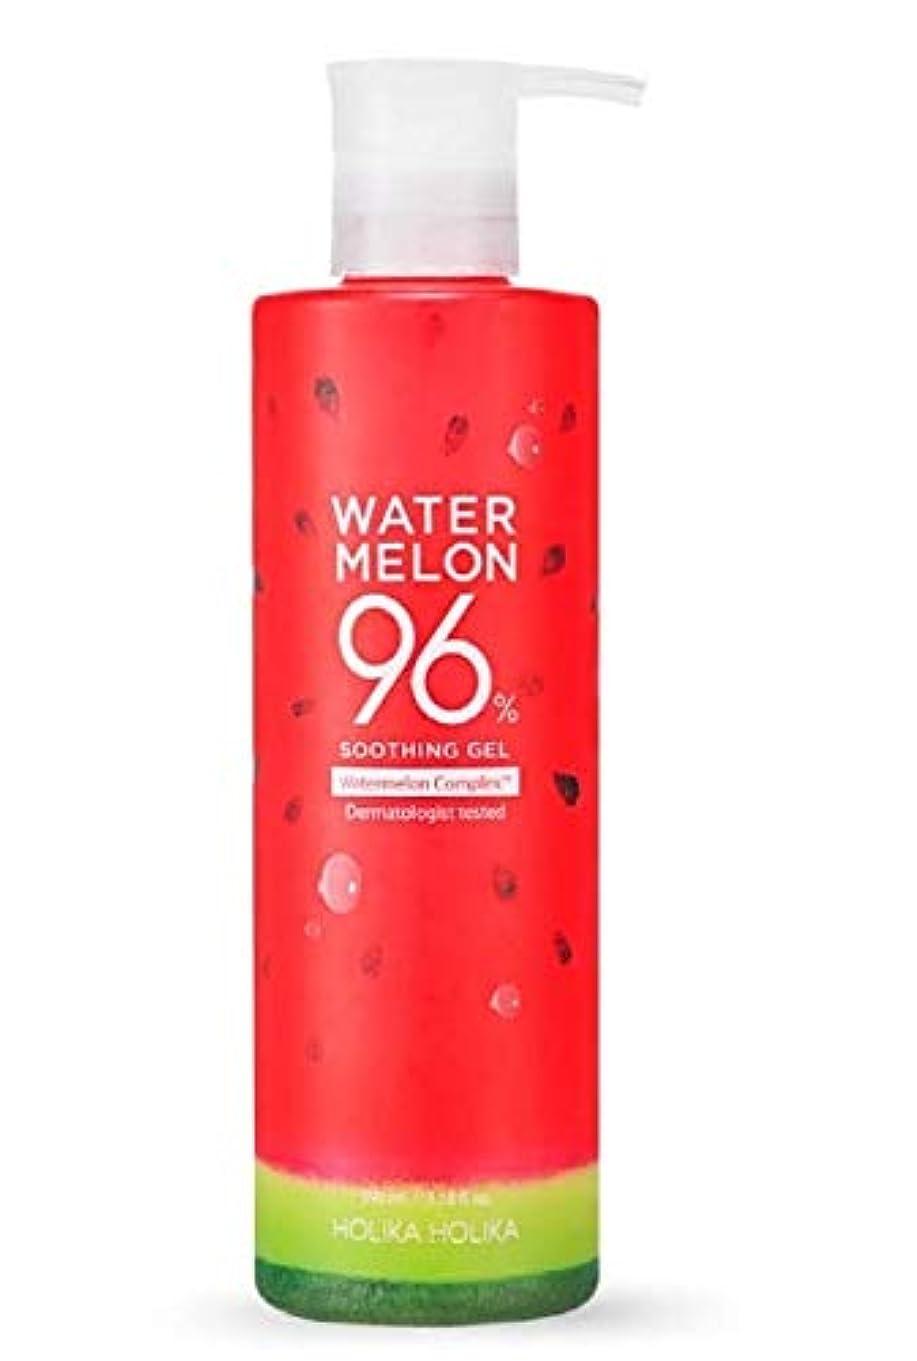 ショッピングセンターたらい維持ホリカホリカ ウォーターメロン96%スージングジェル 390ml/HOLIKAHOLIKA WATER MELON 96% SOOTHING GEL 390ml